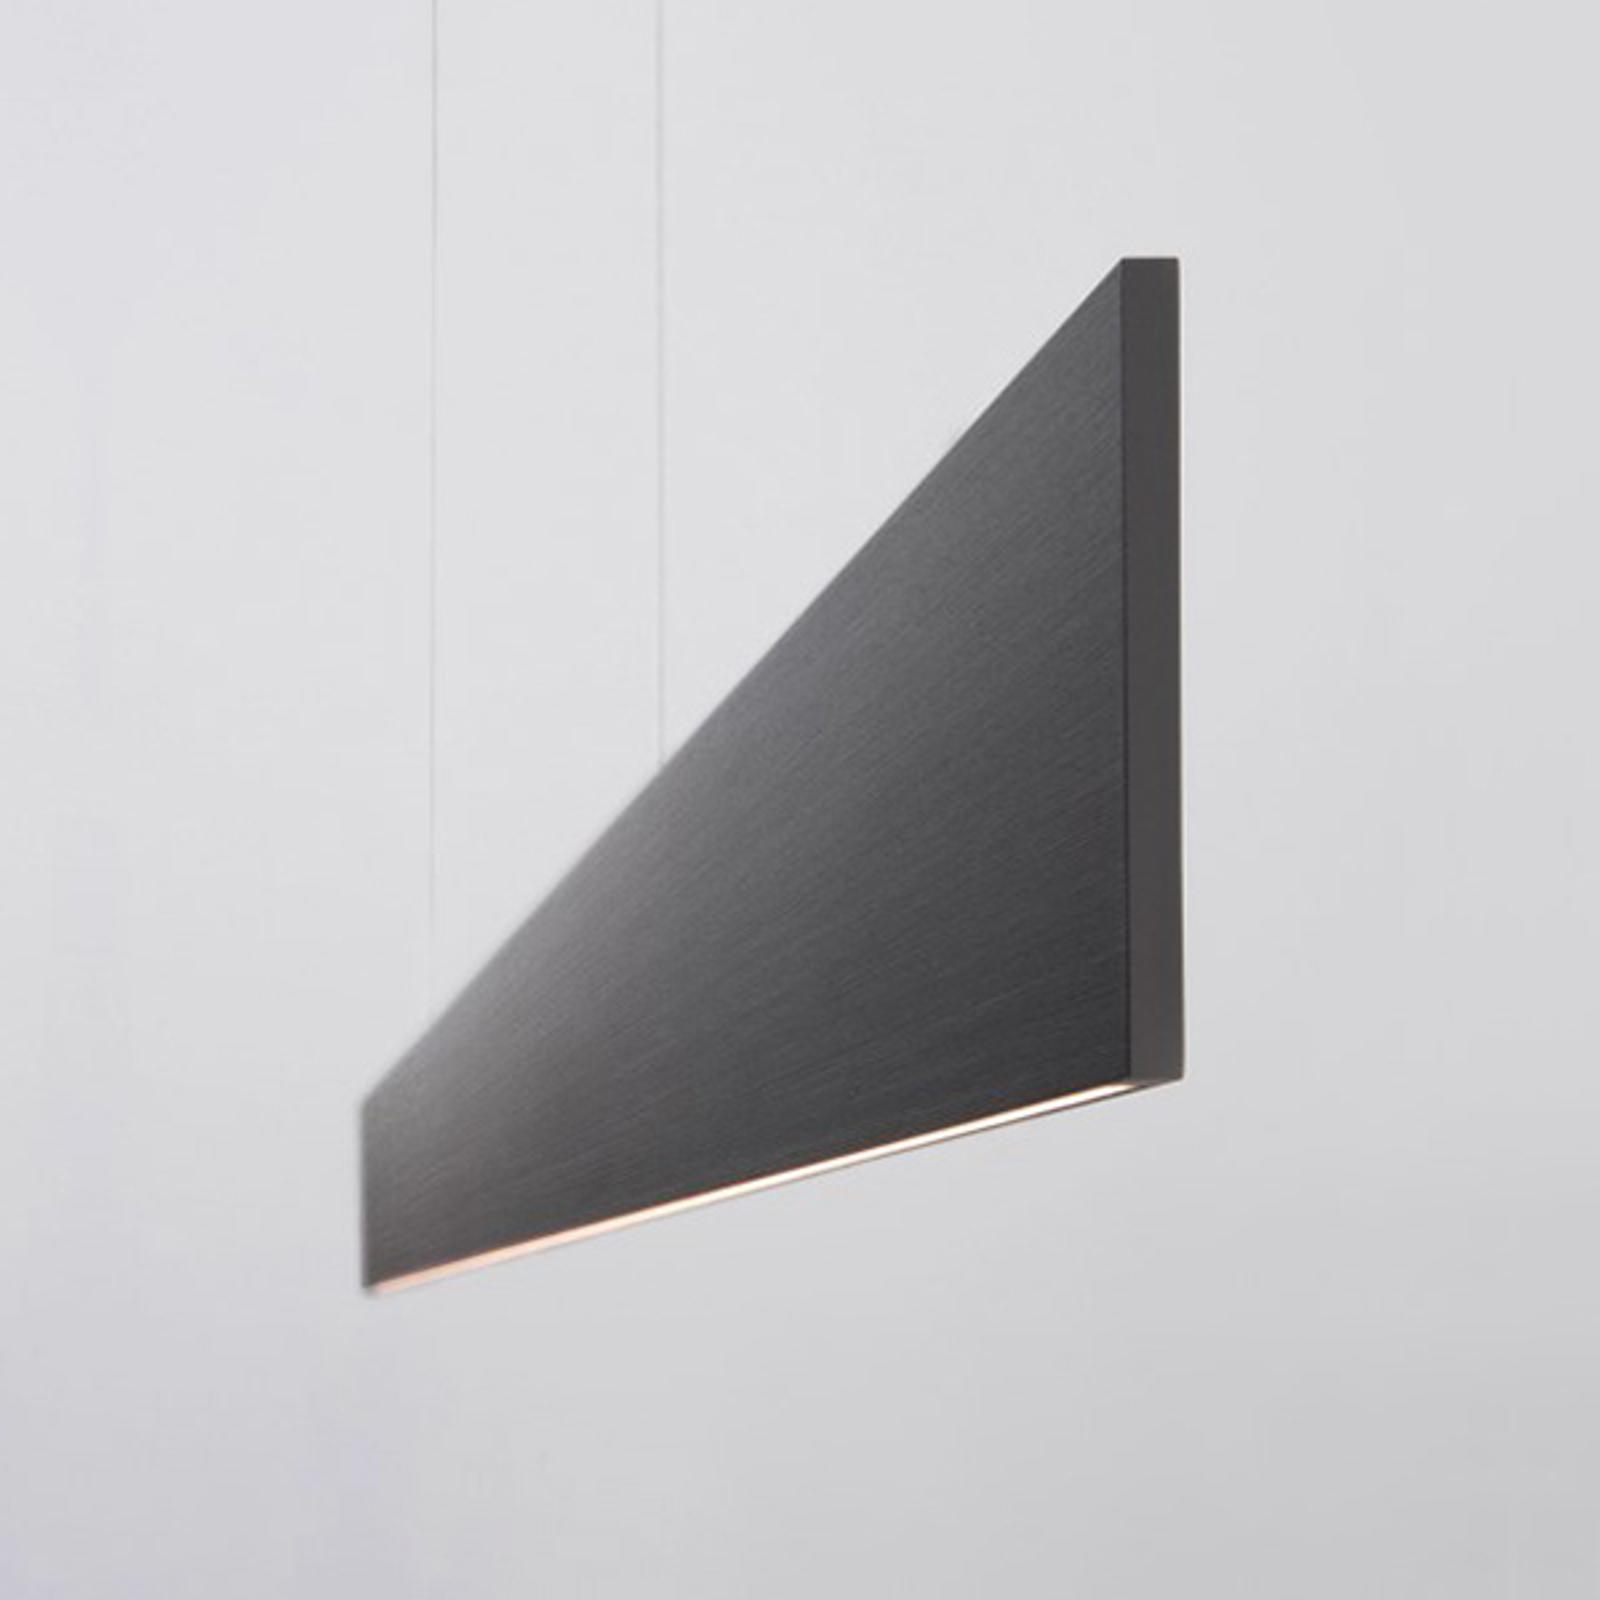 LED hanglamp After 8 122cm DALI 3.000K grafiet